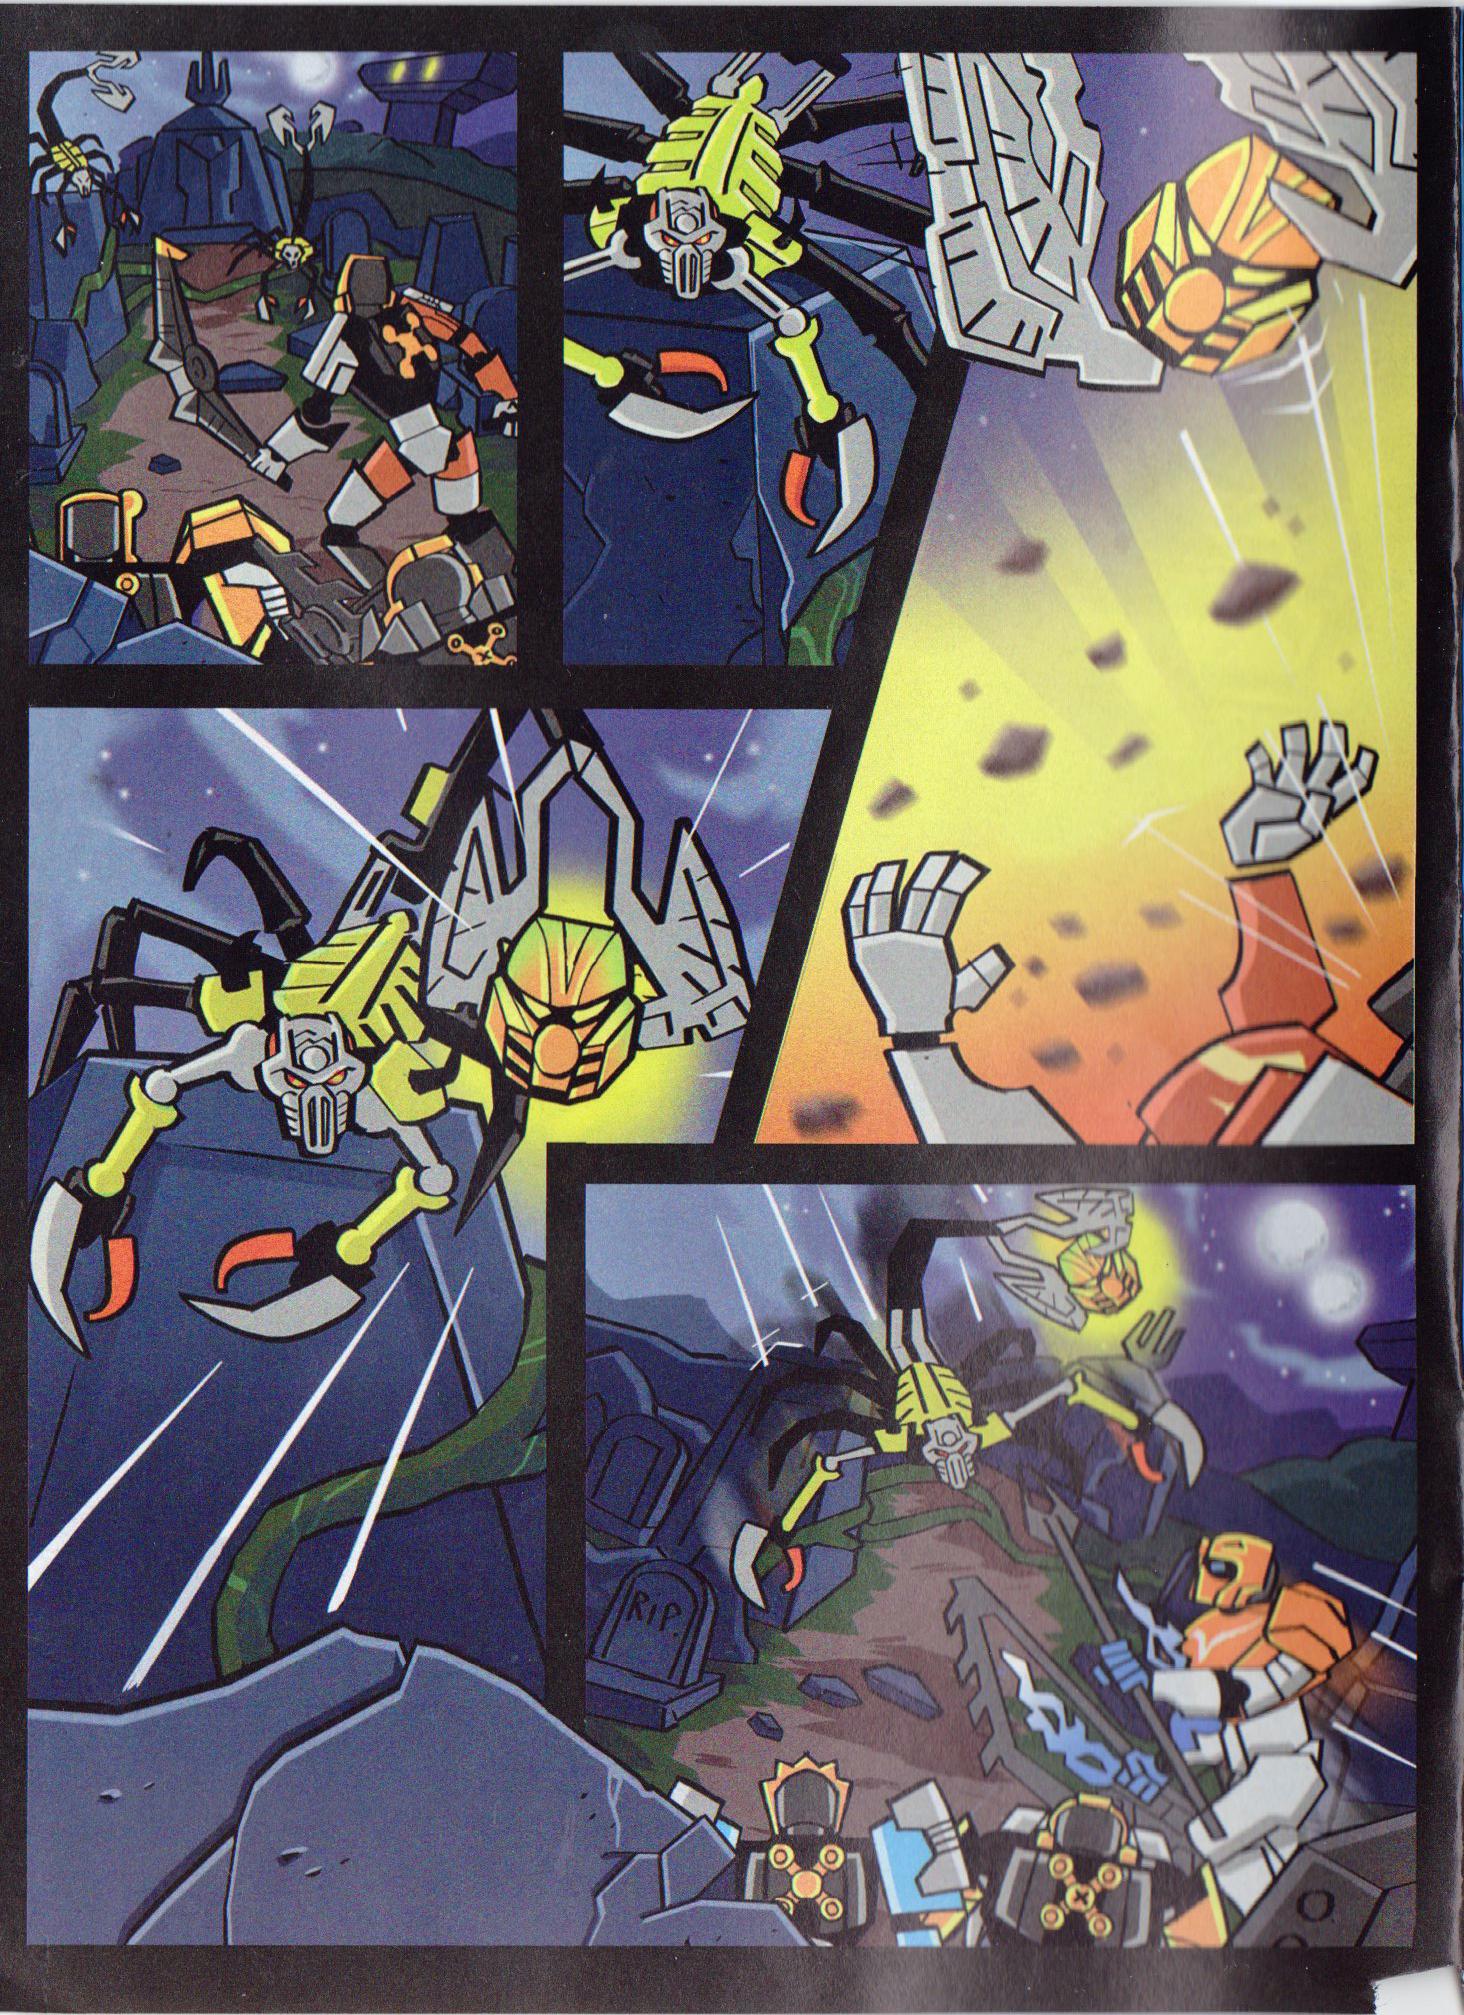 [Produits] Récapitulatif des ensembles de l'été - Page 3 Bionicle_70794_comic